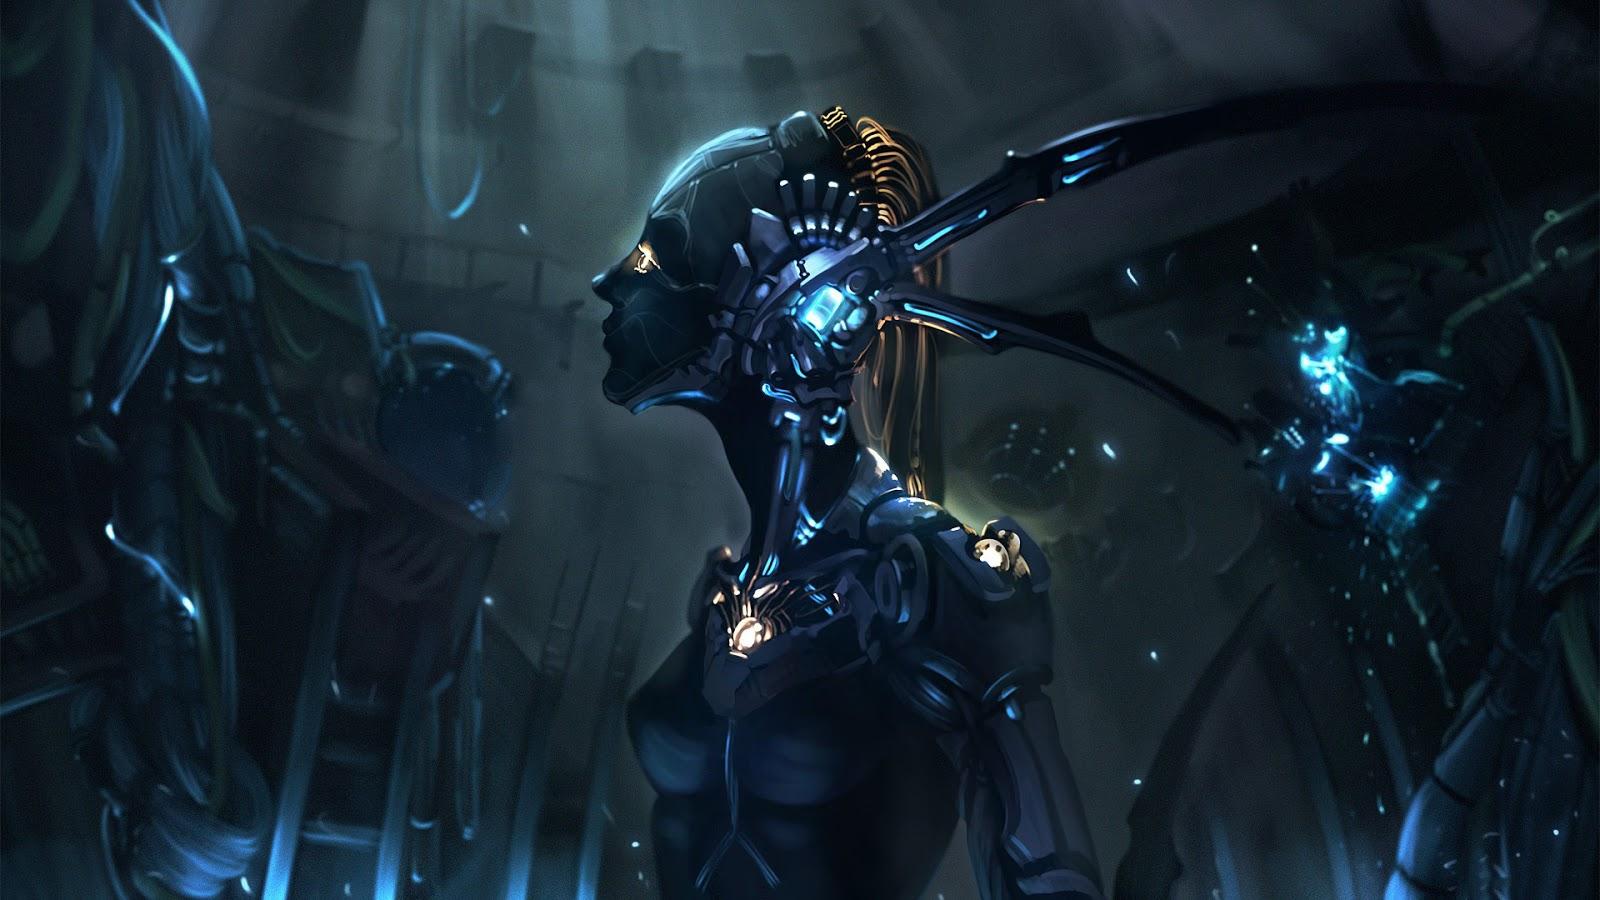 Мечтают ли андроиды об электропанке? Как я учил нейросеть писать музыку - 3